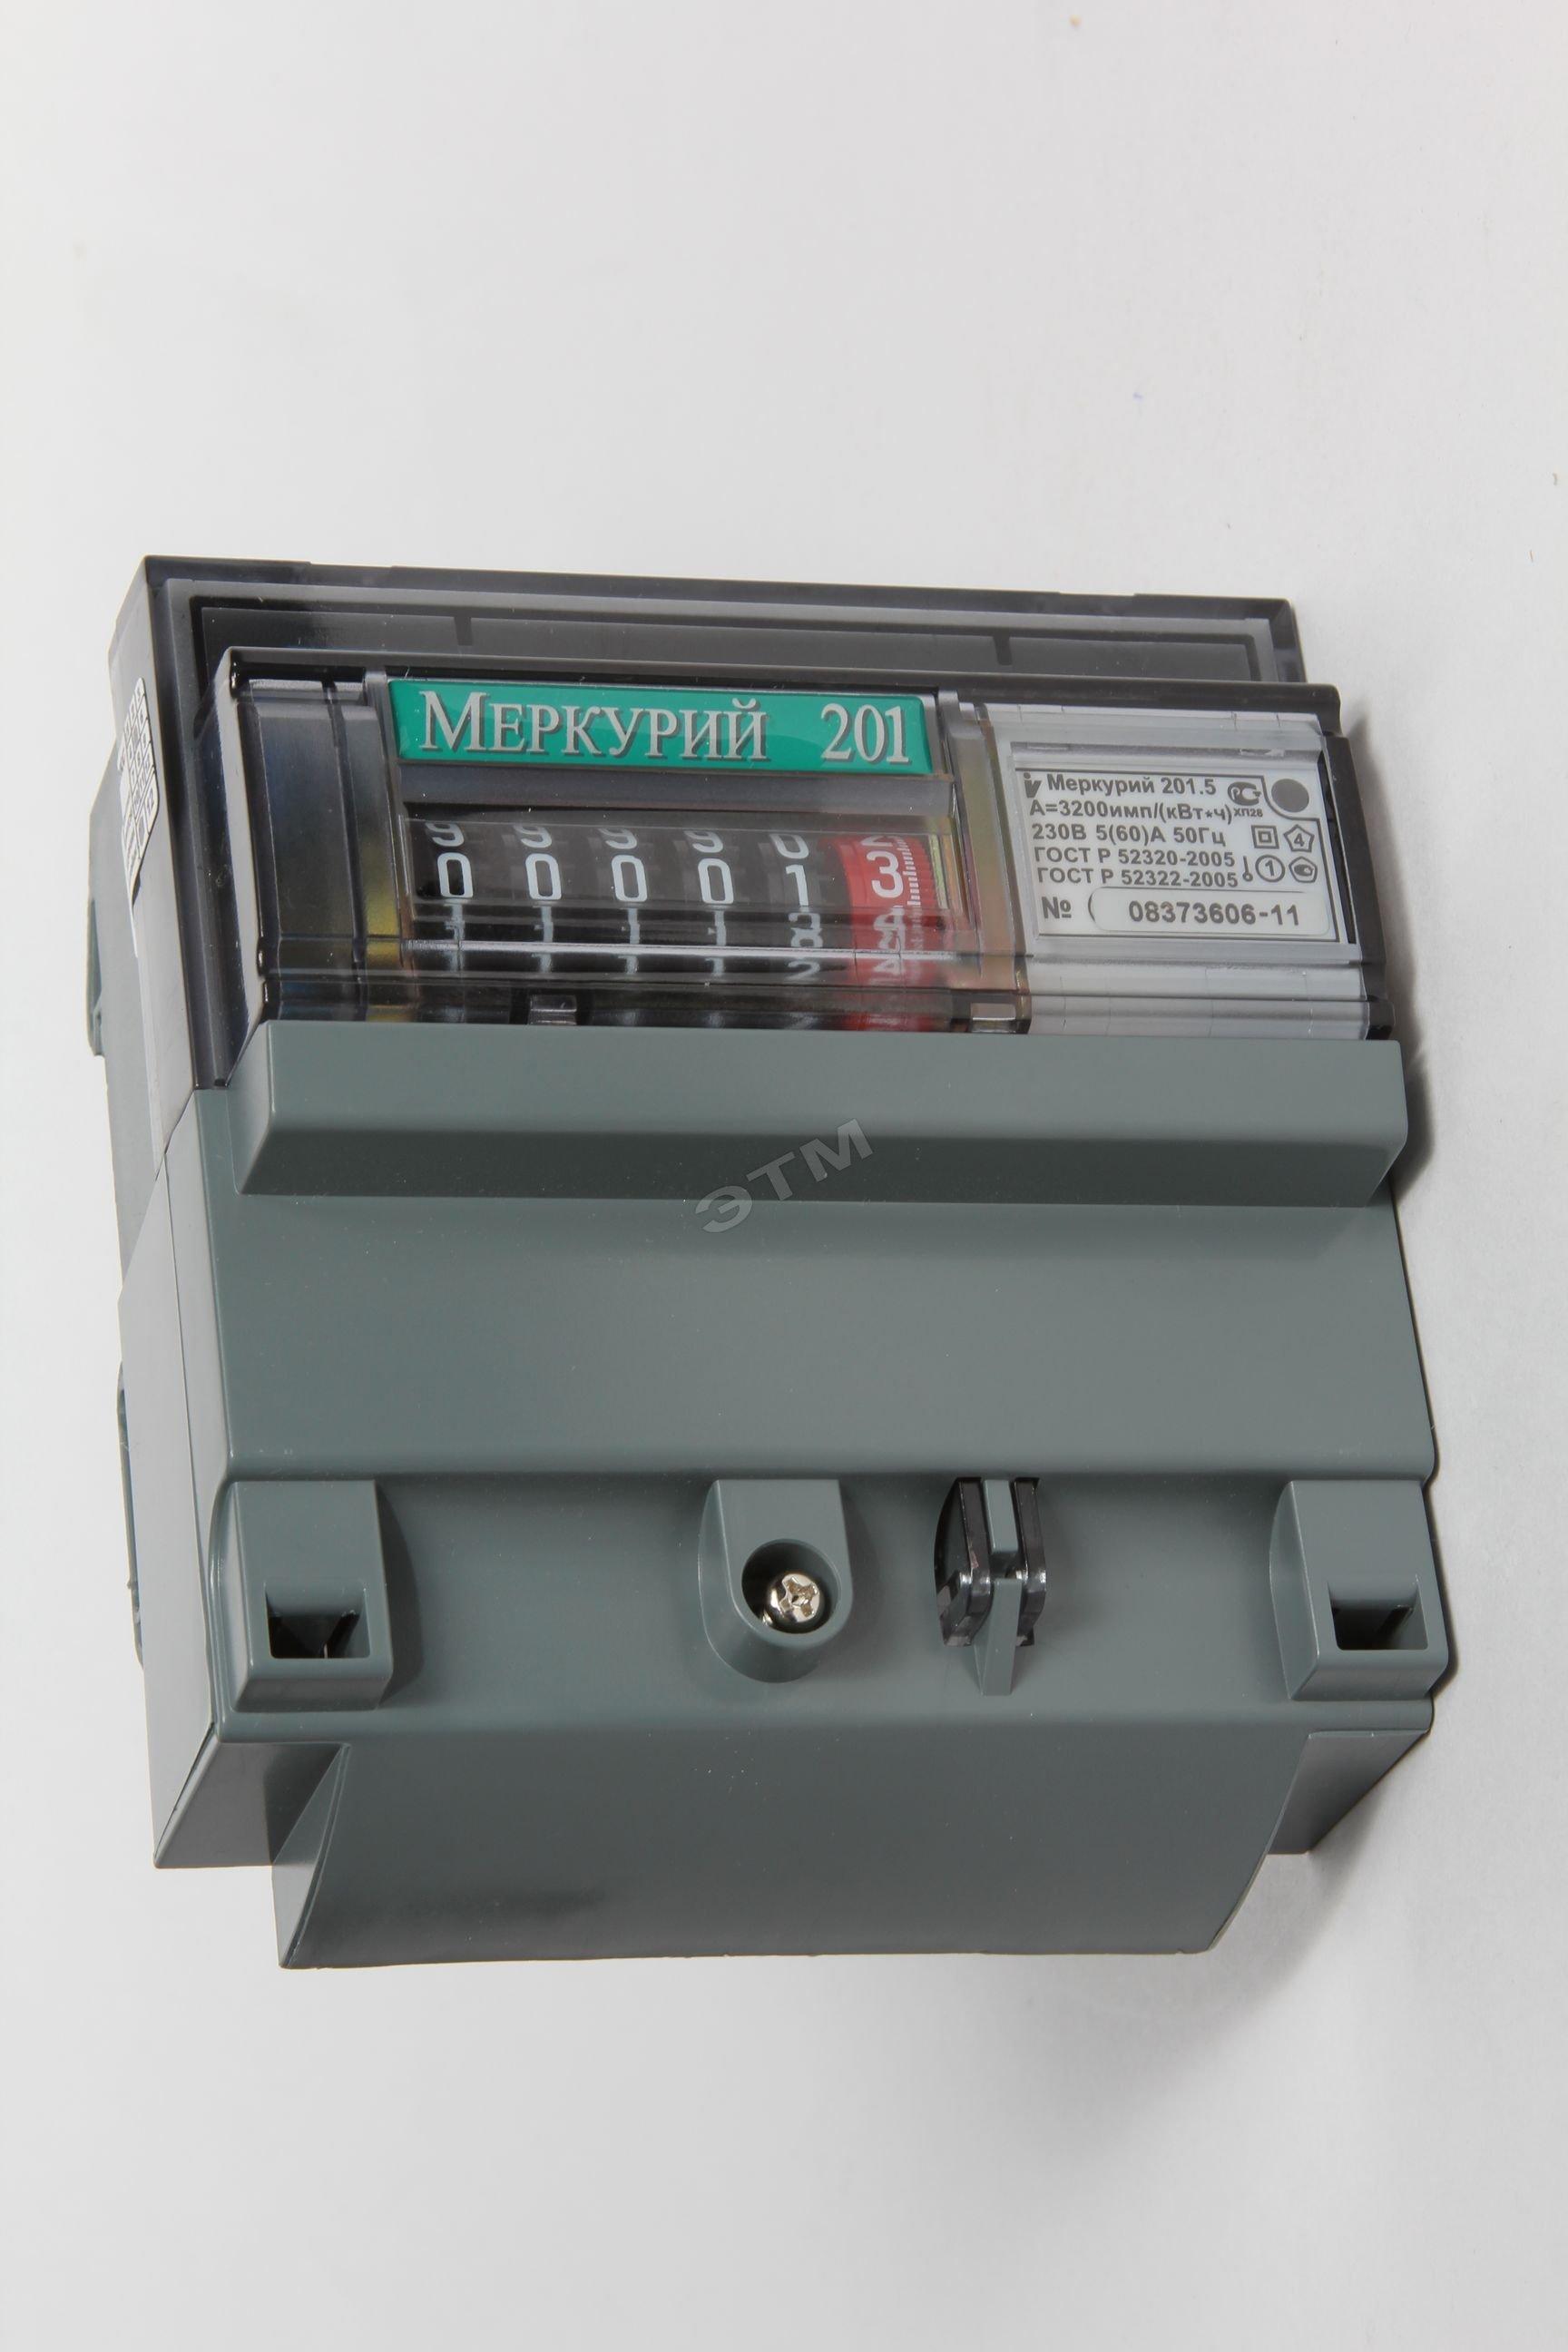 Сколько стоит электросчетчик в барнауле